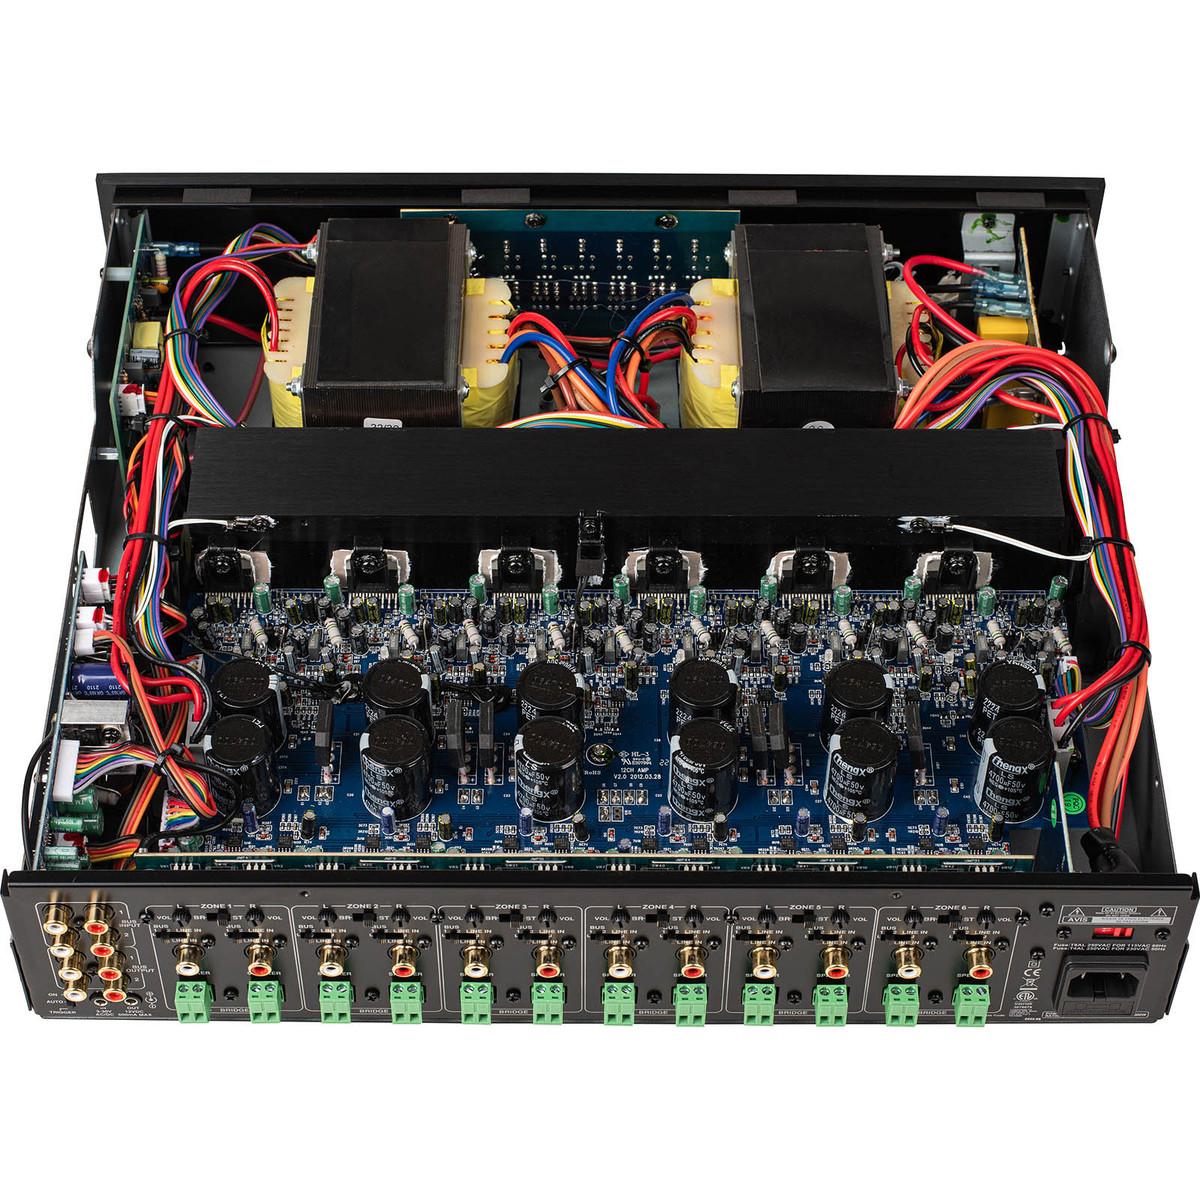 Dayton Audio Ma1240a Multi Zone 12 Channel Amplifier